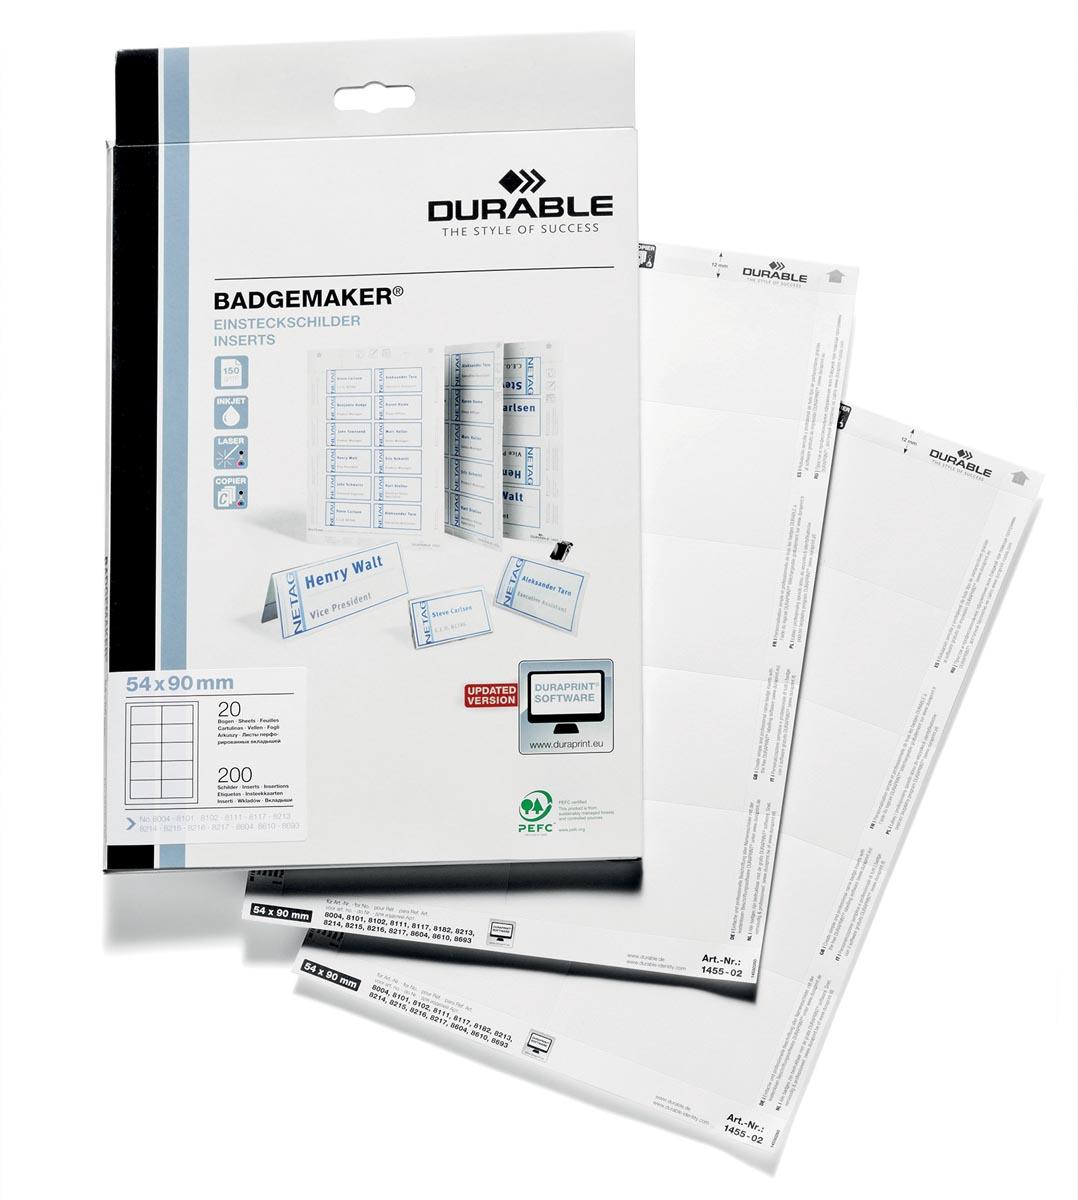 Durable Badgemaker insteekkaartjes ft 54 x 90 mm (voor badges 8004, 8012, 8101, 8111, 8117, 8604 en